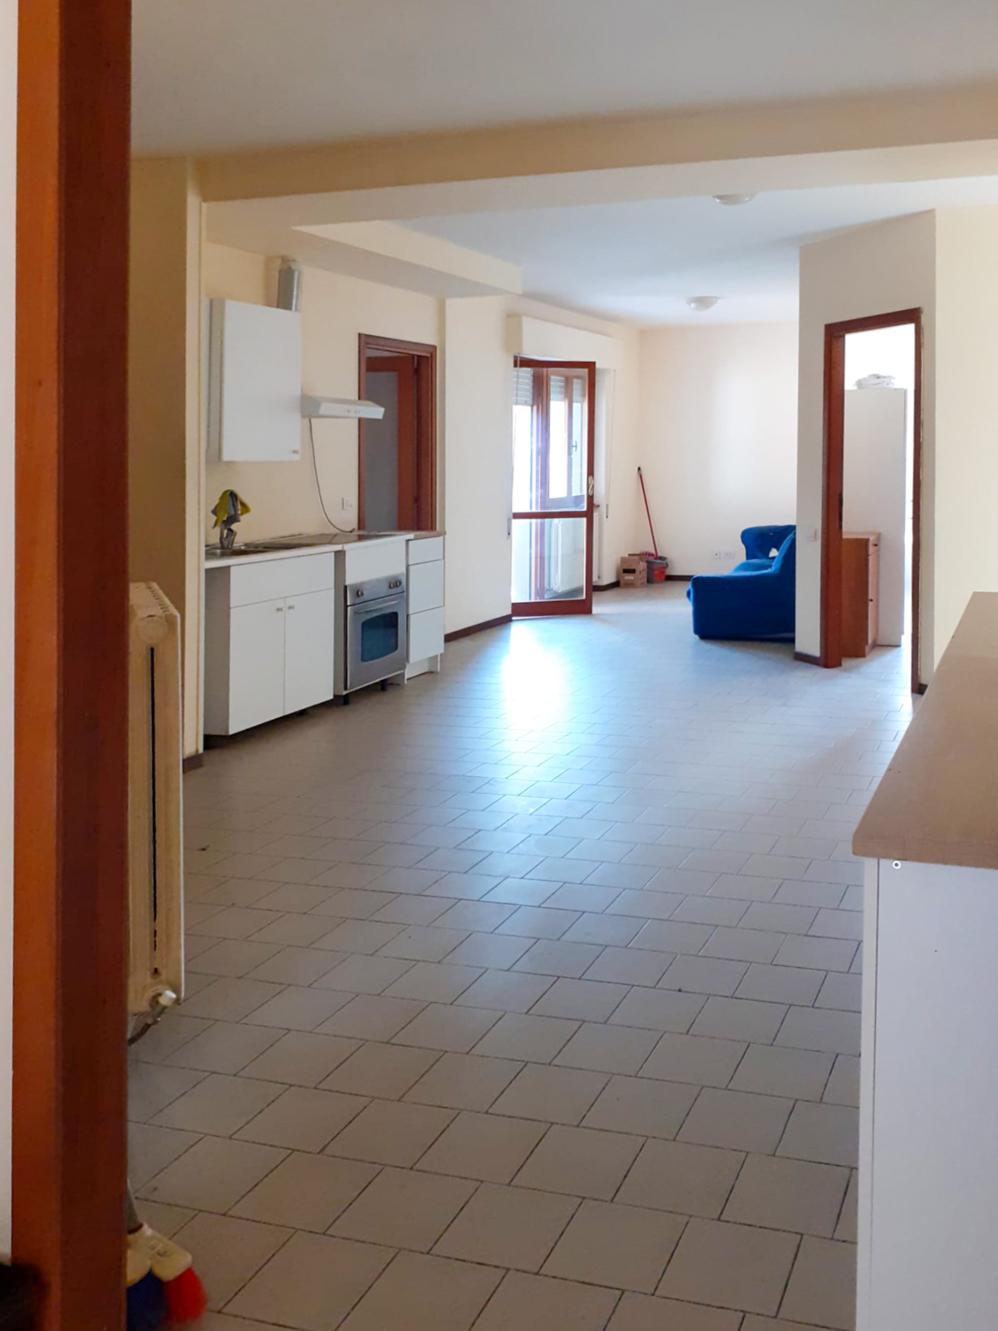 Appartamento ampia metratura con terrazzo abitabile – Zona Via Cioci, Macerata